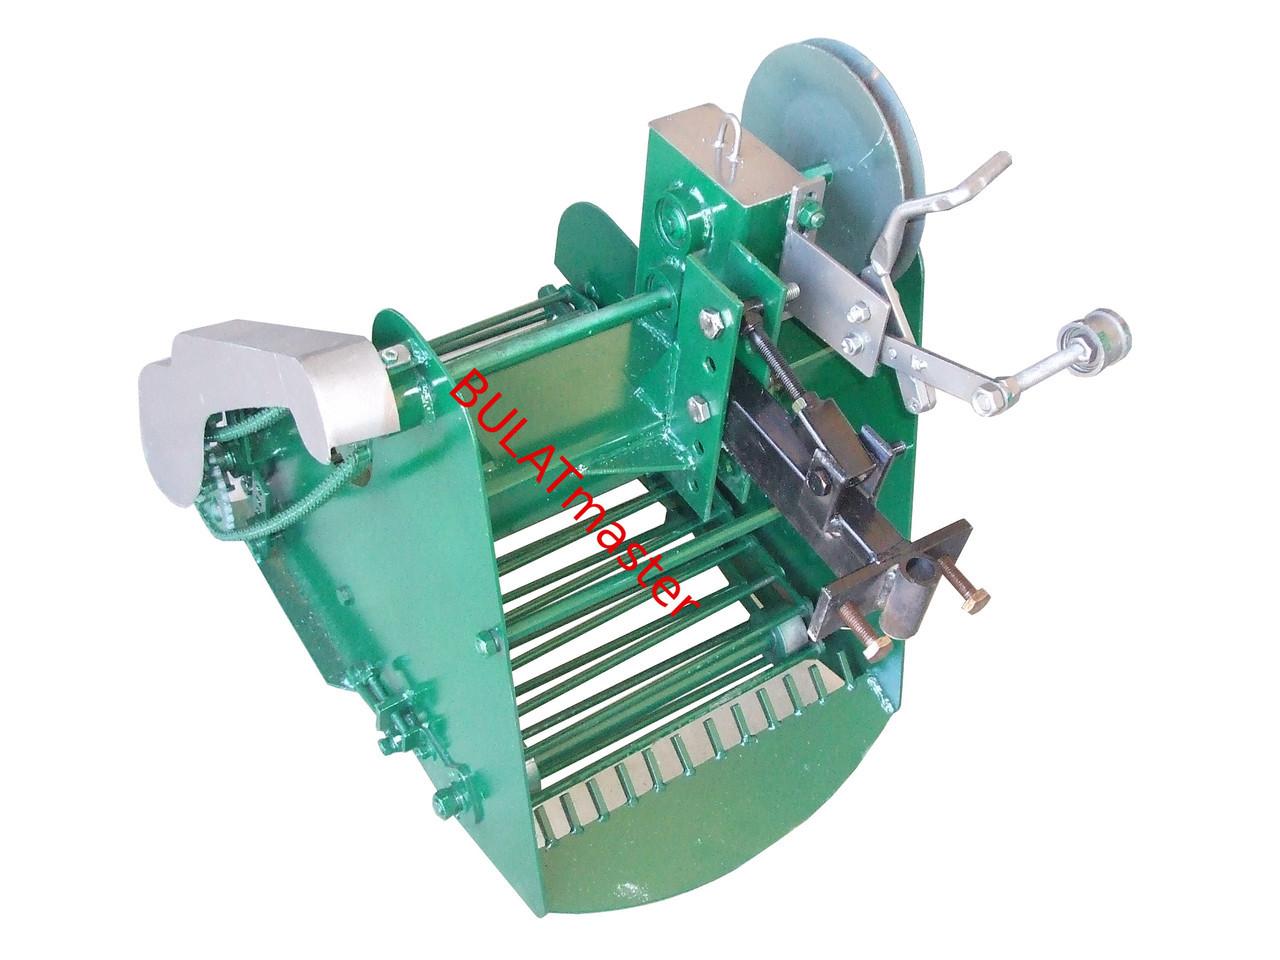 Картофелекопалка для мотоблока транспортерная КМ-5 (привод ременной слева) AGROMARKA